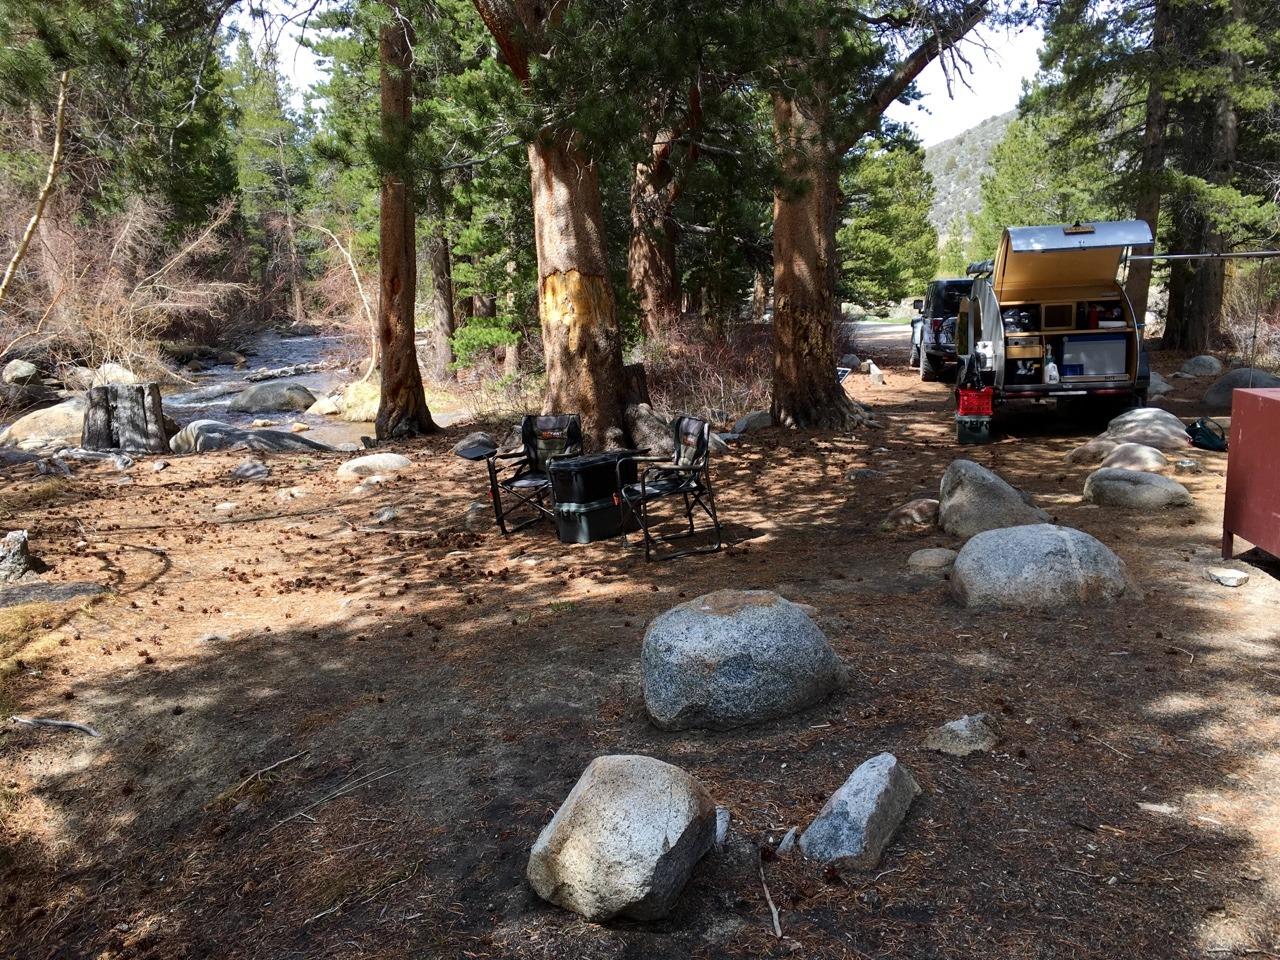 Best campsite evah